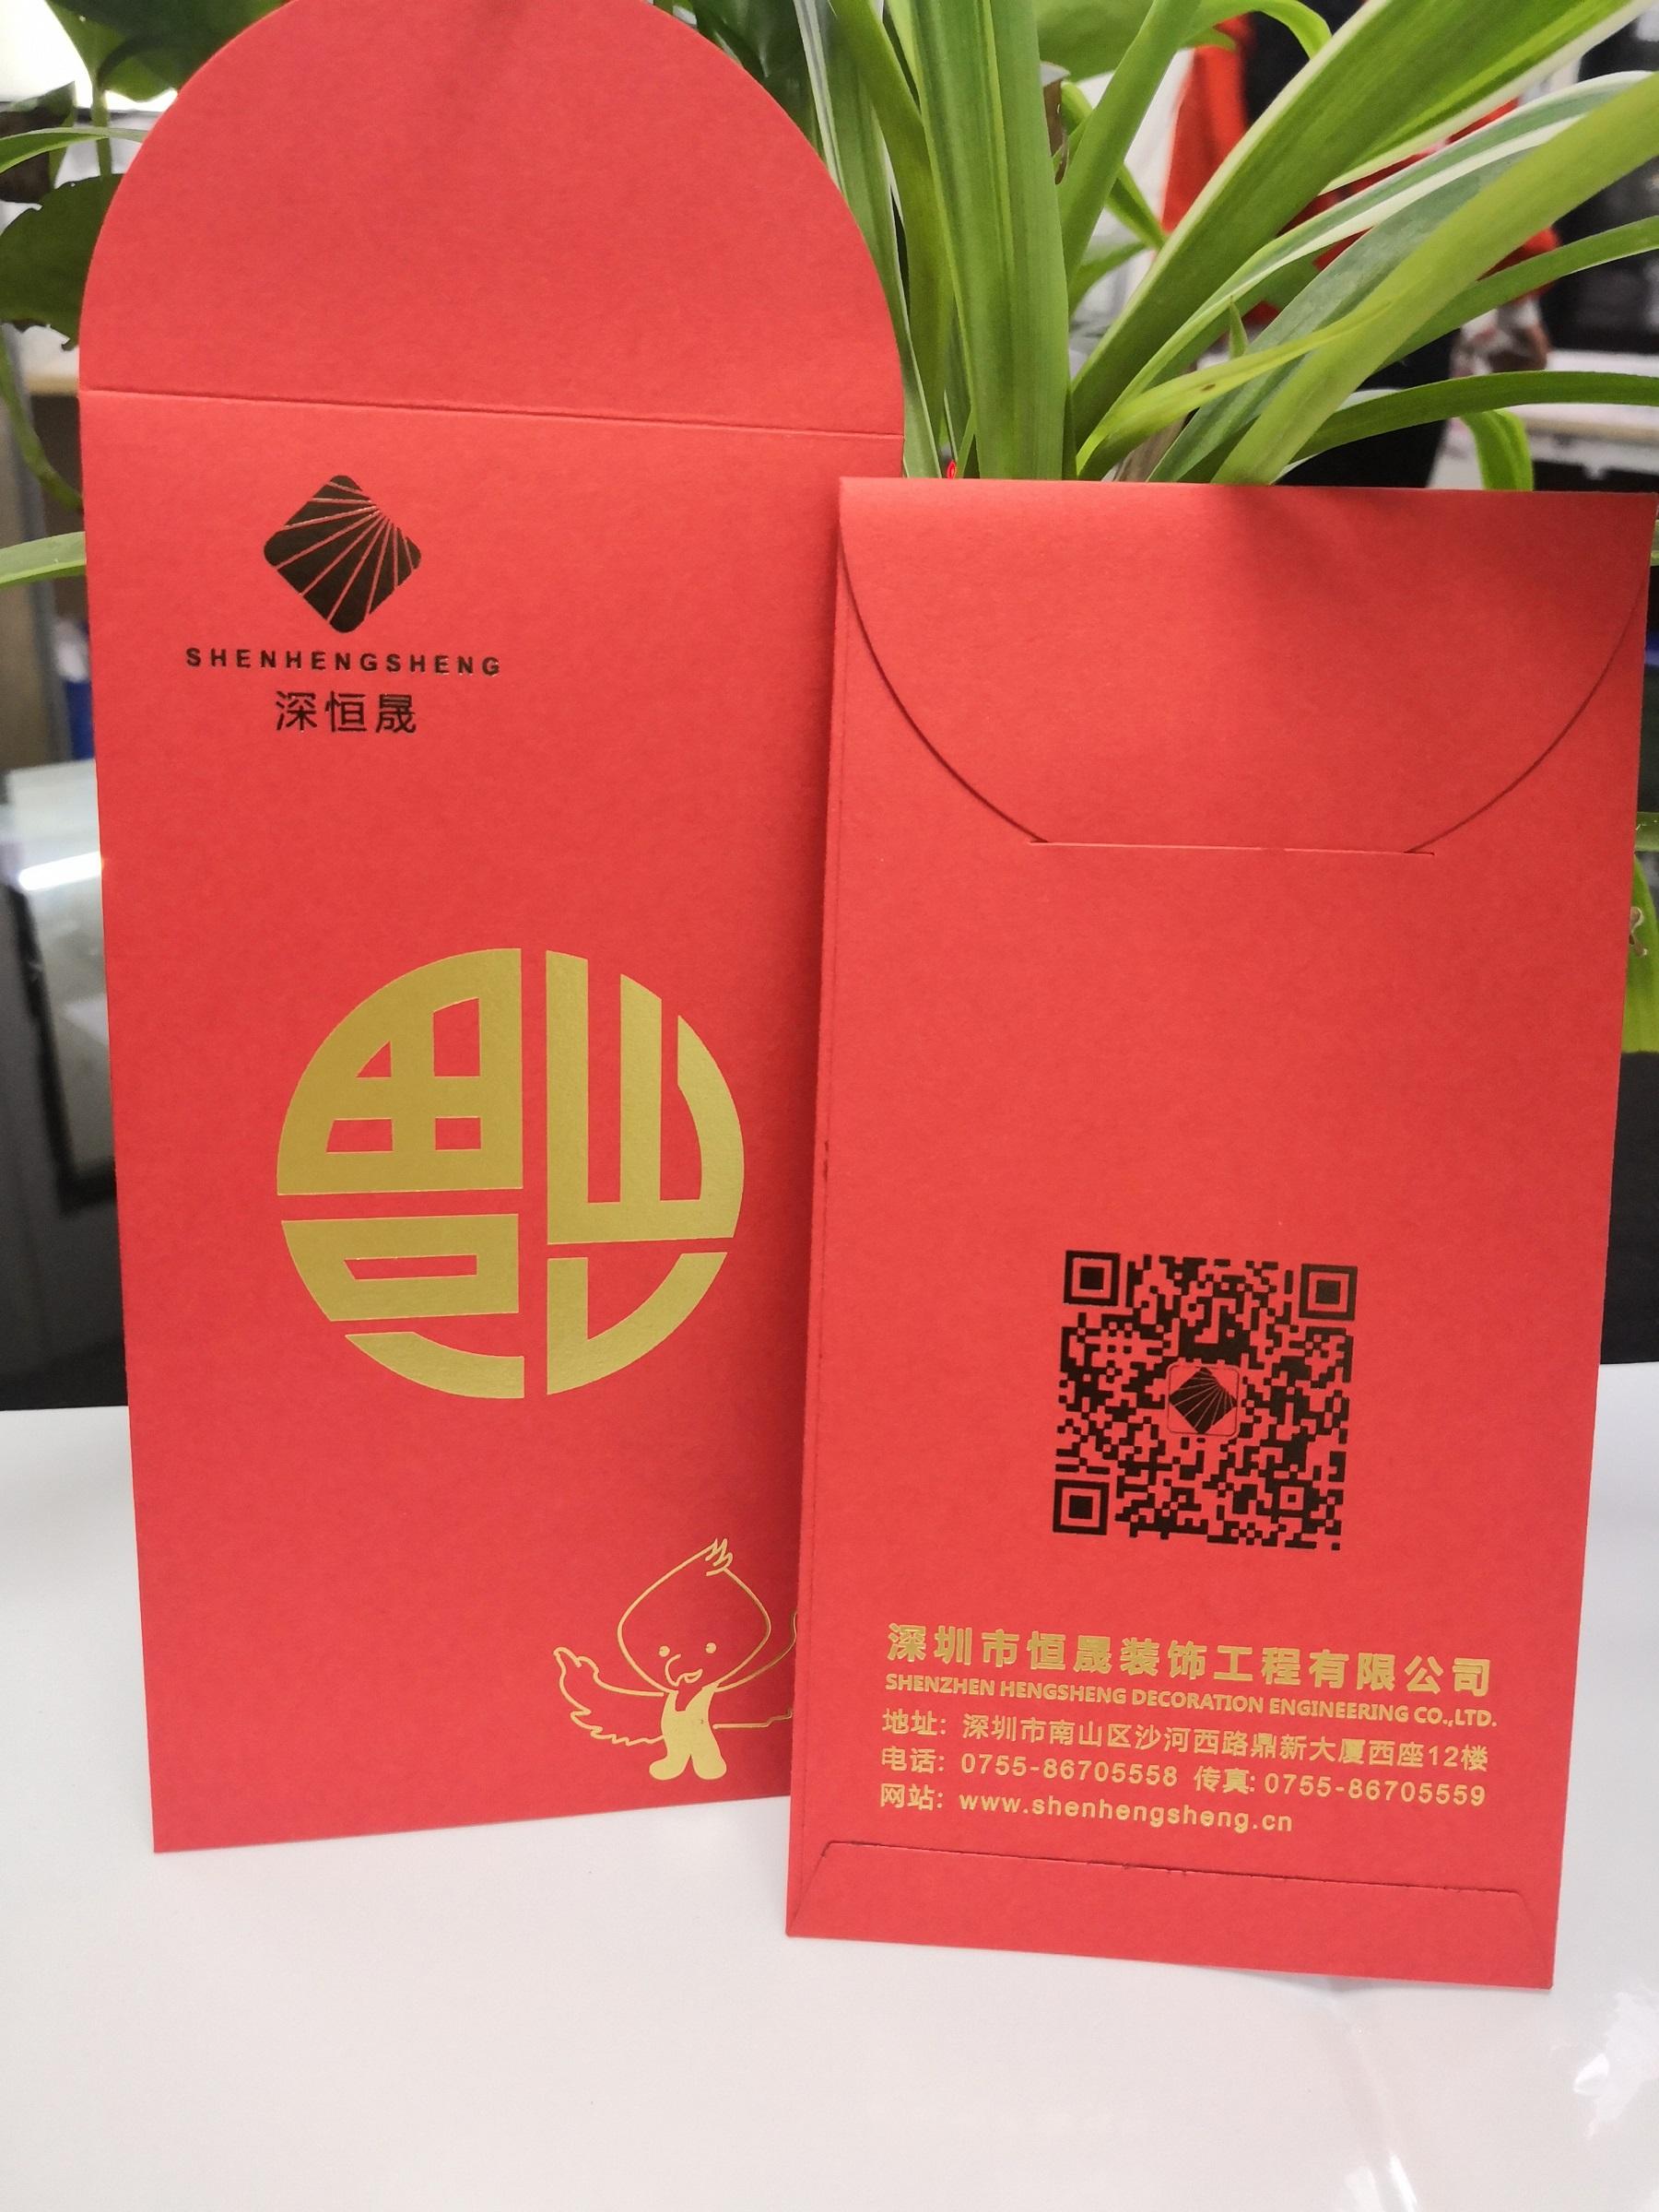 袋装红包印刷厂家银行礼品红包印刷新款图案批量印刷厂商临沂